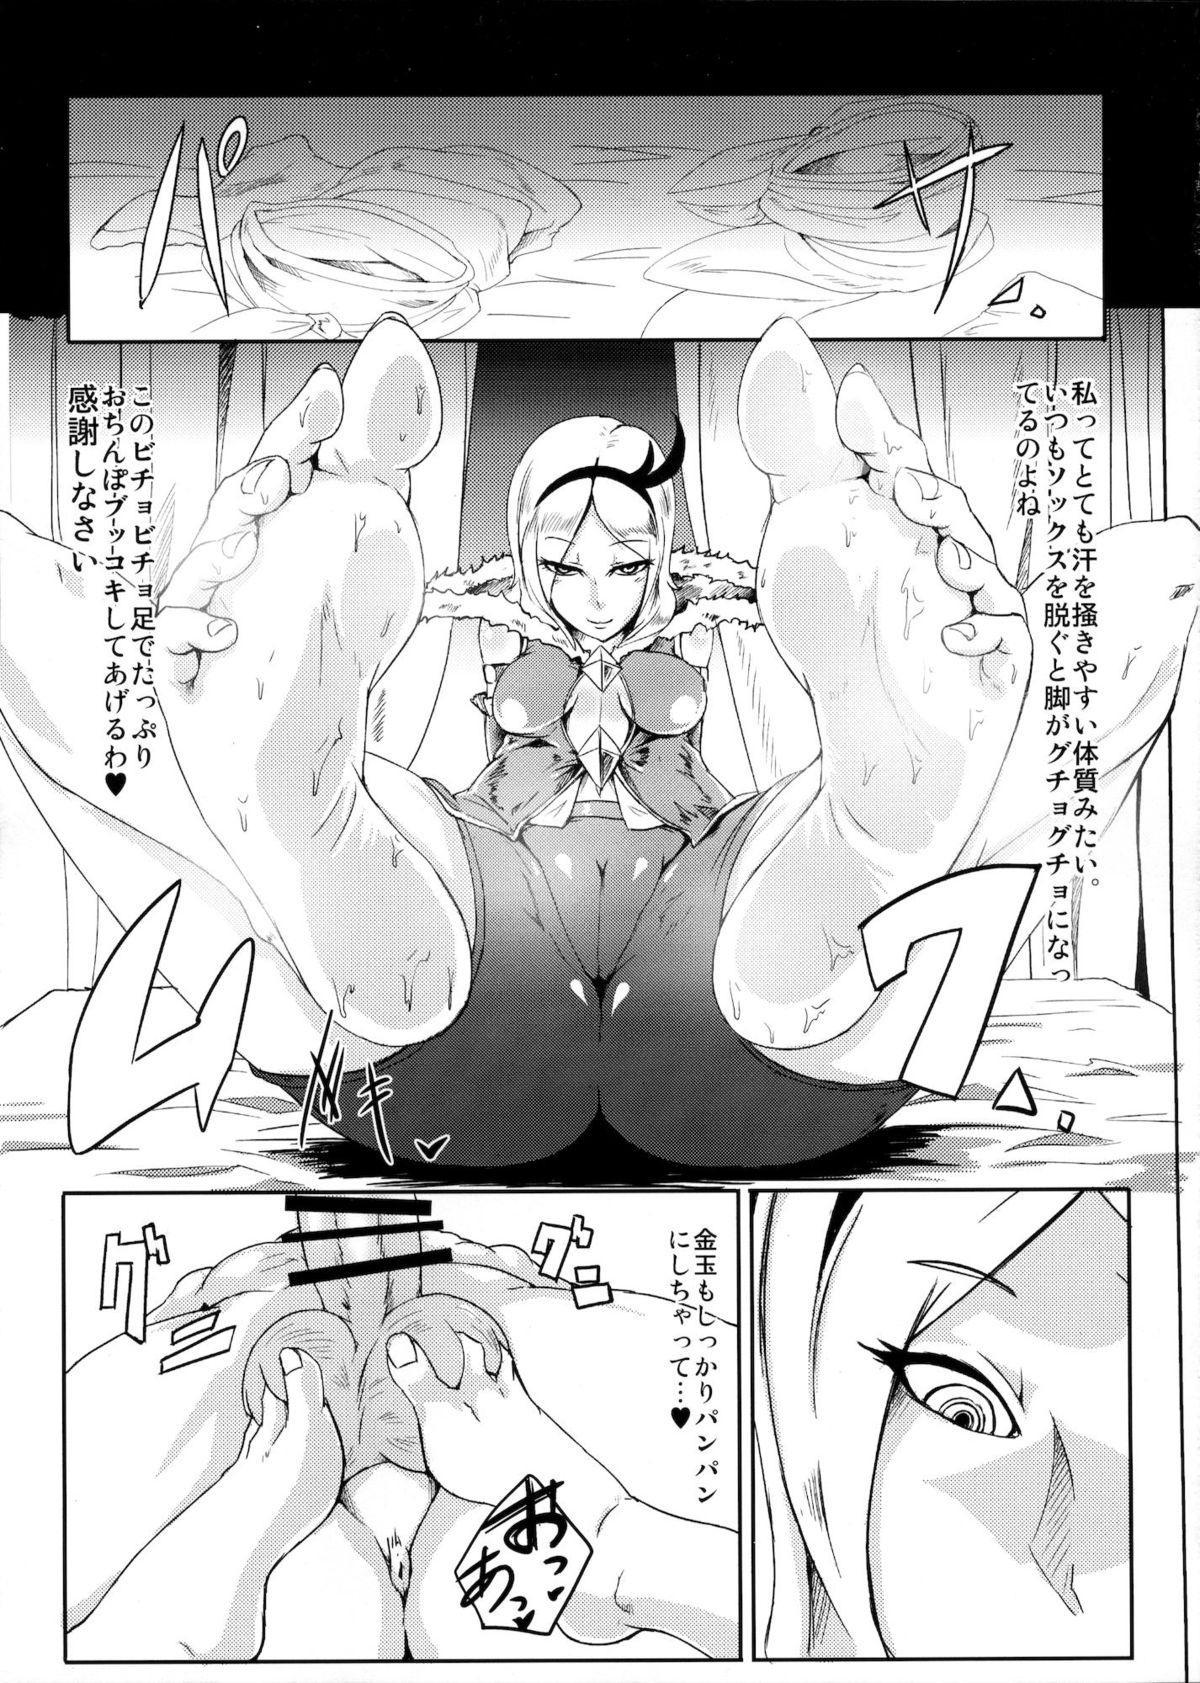 Eas-sama no Sakusei Jigoku 3